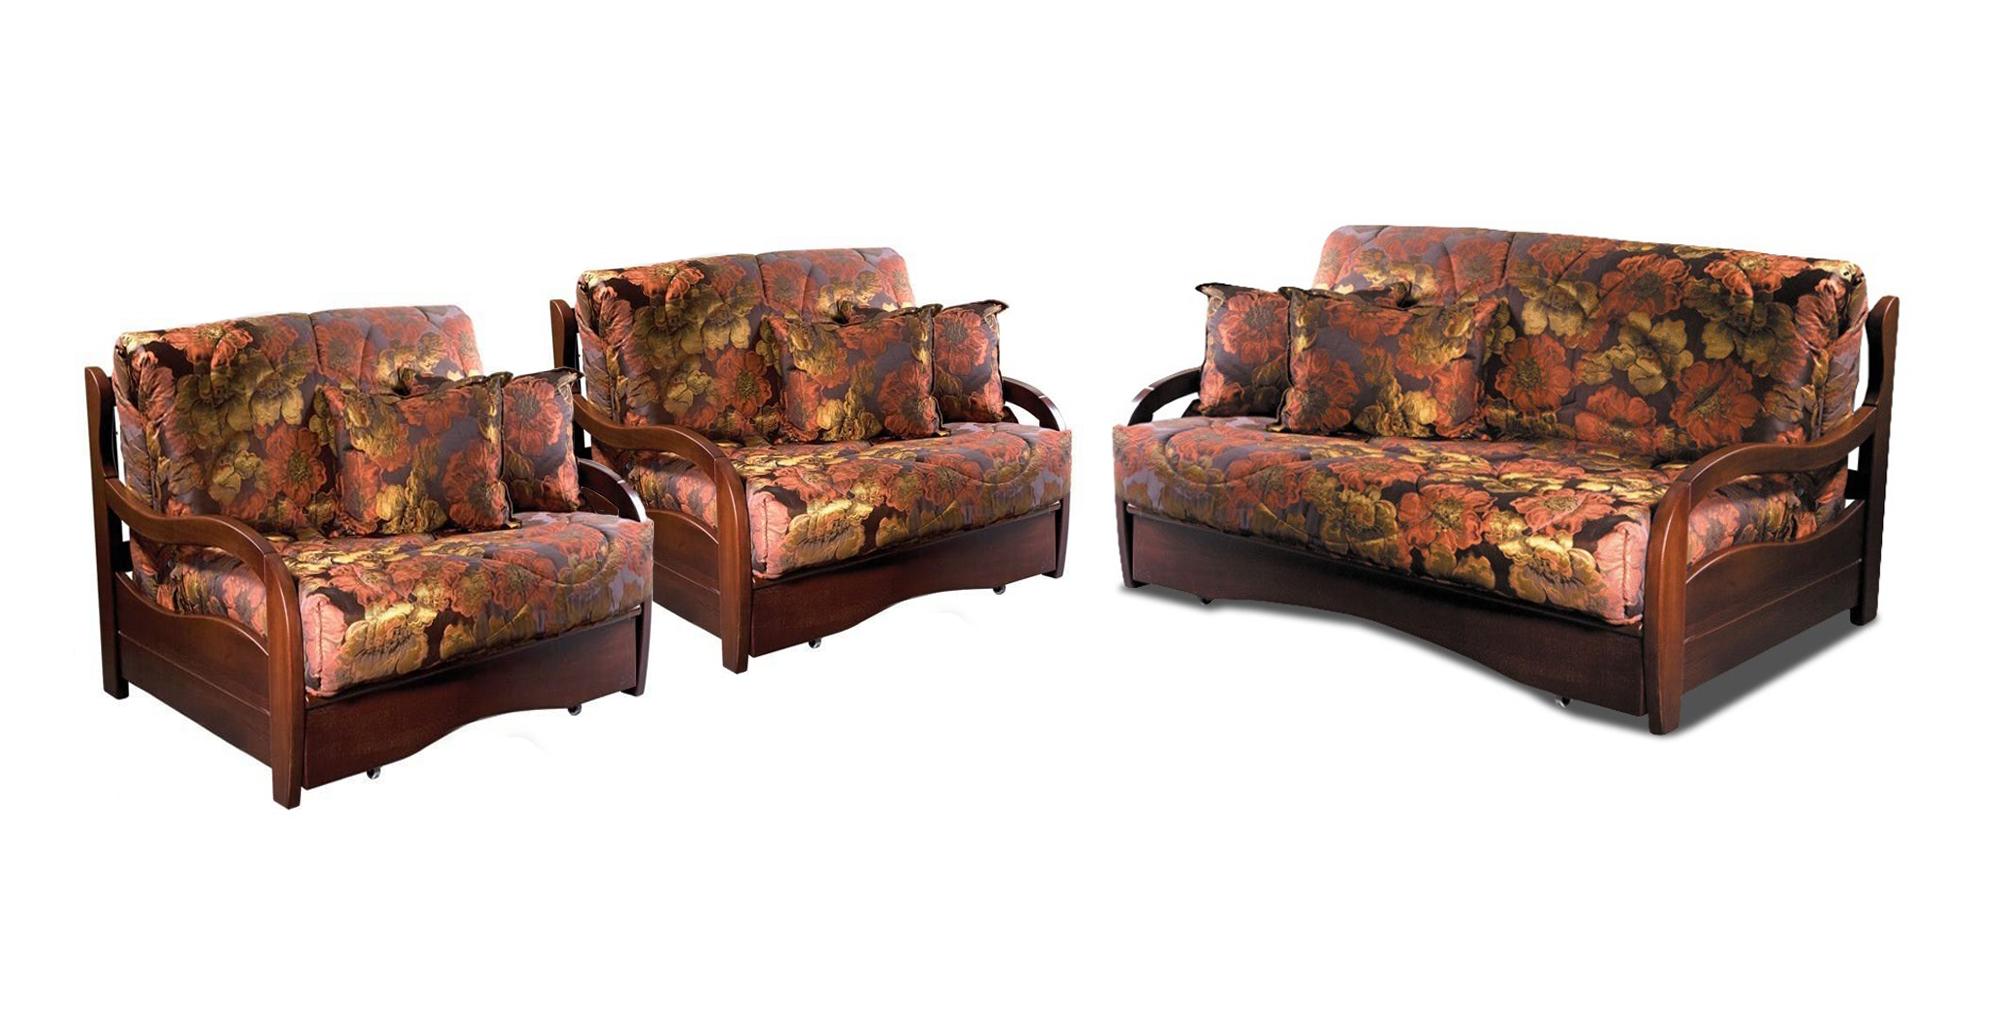 Комплект мягкой мебели Нирвана с деревянными подлокотниками